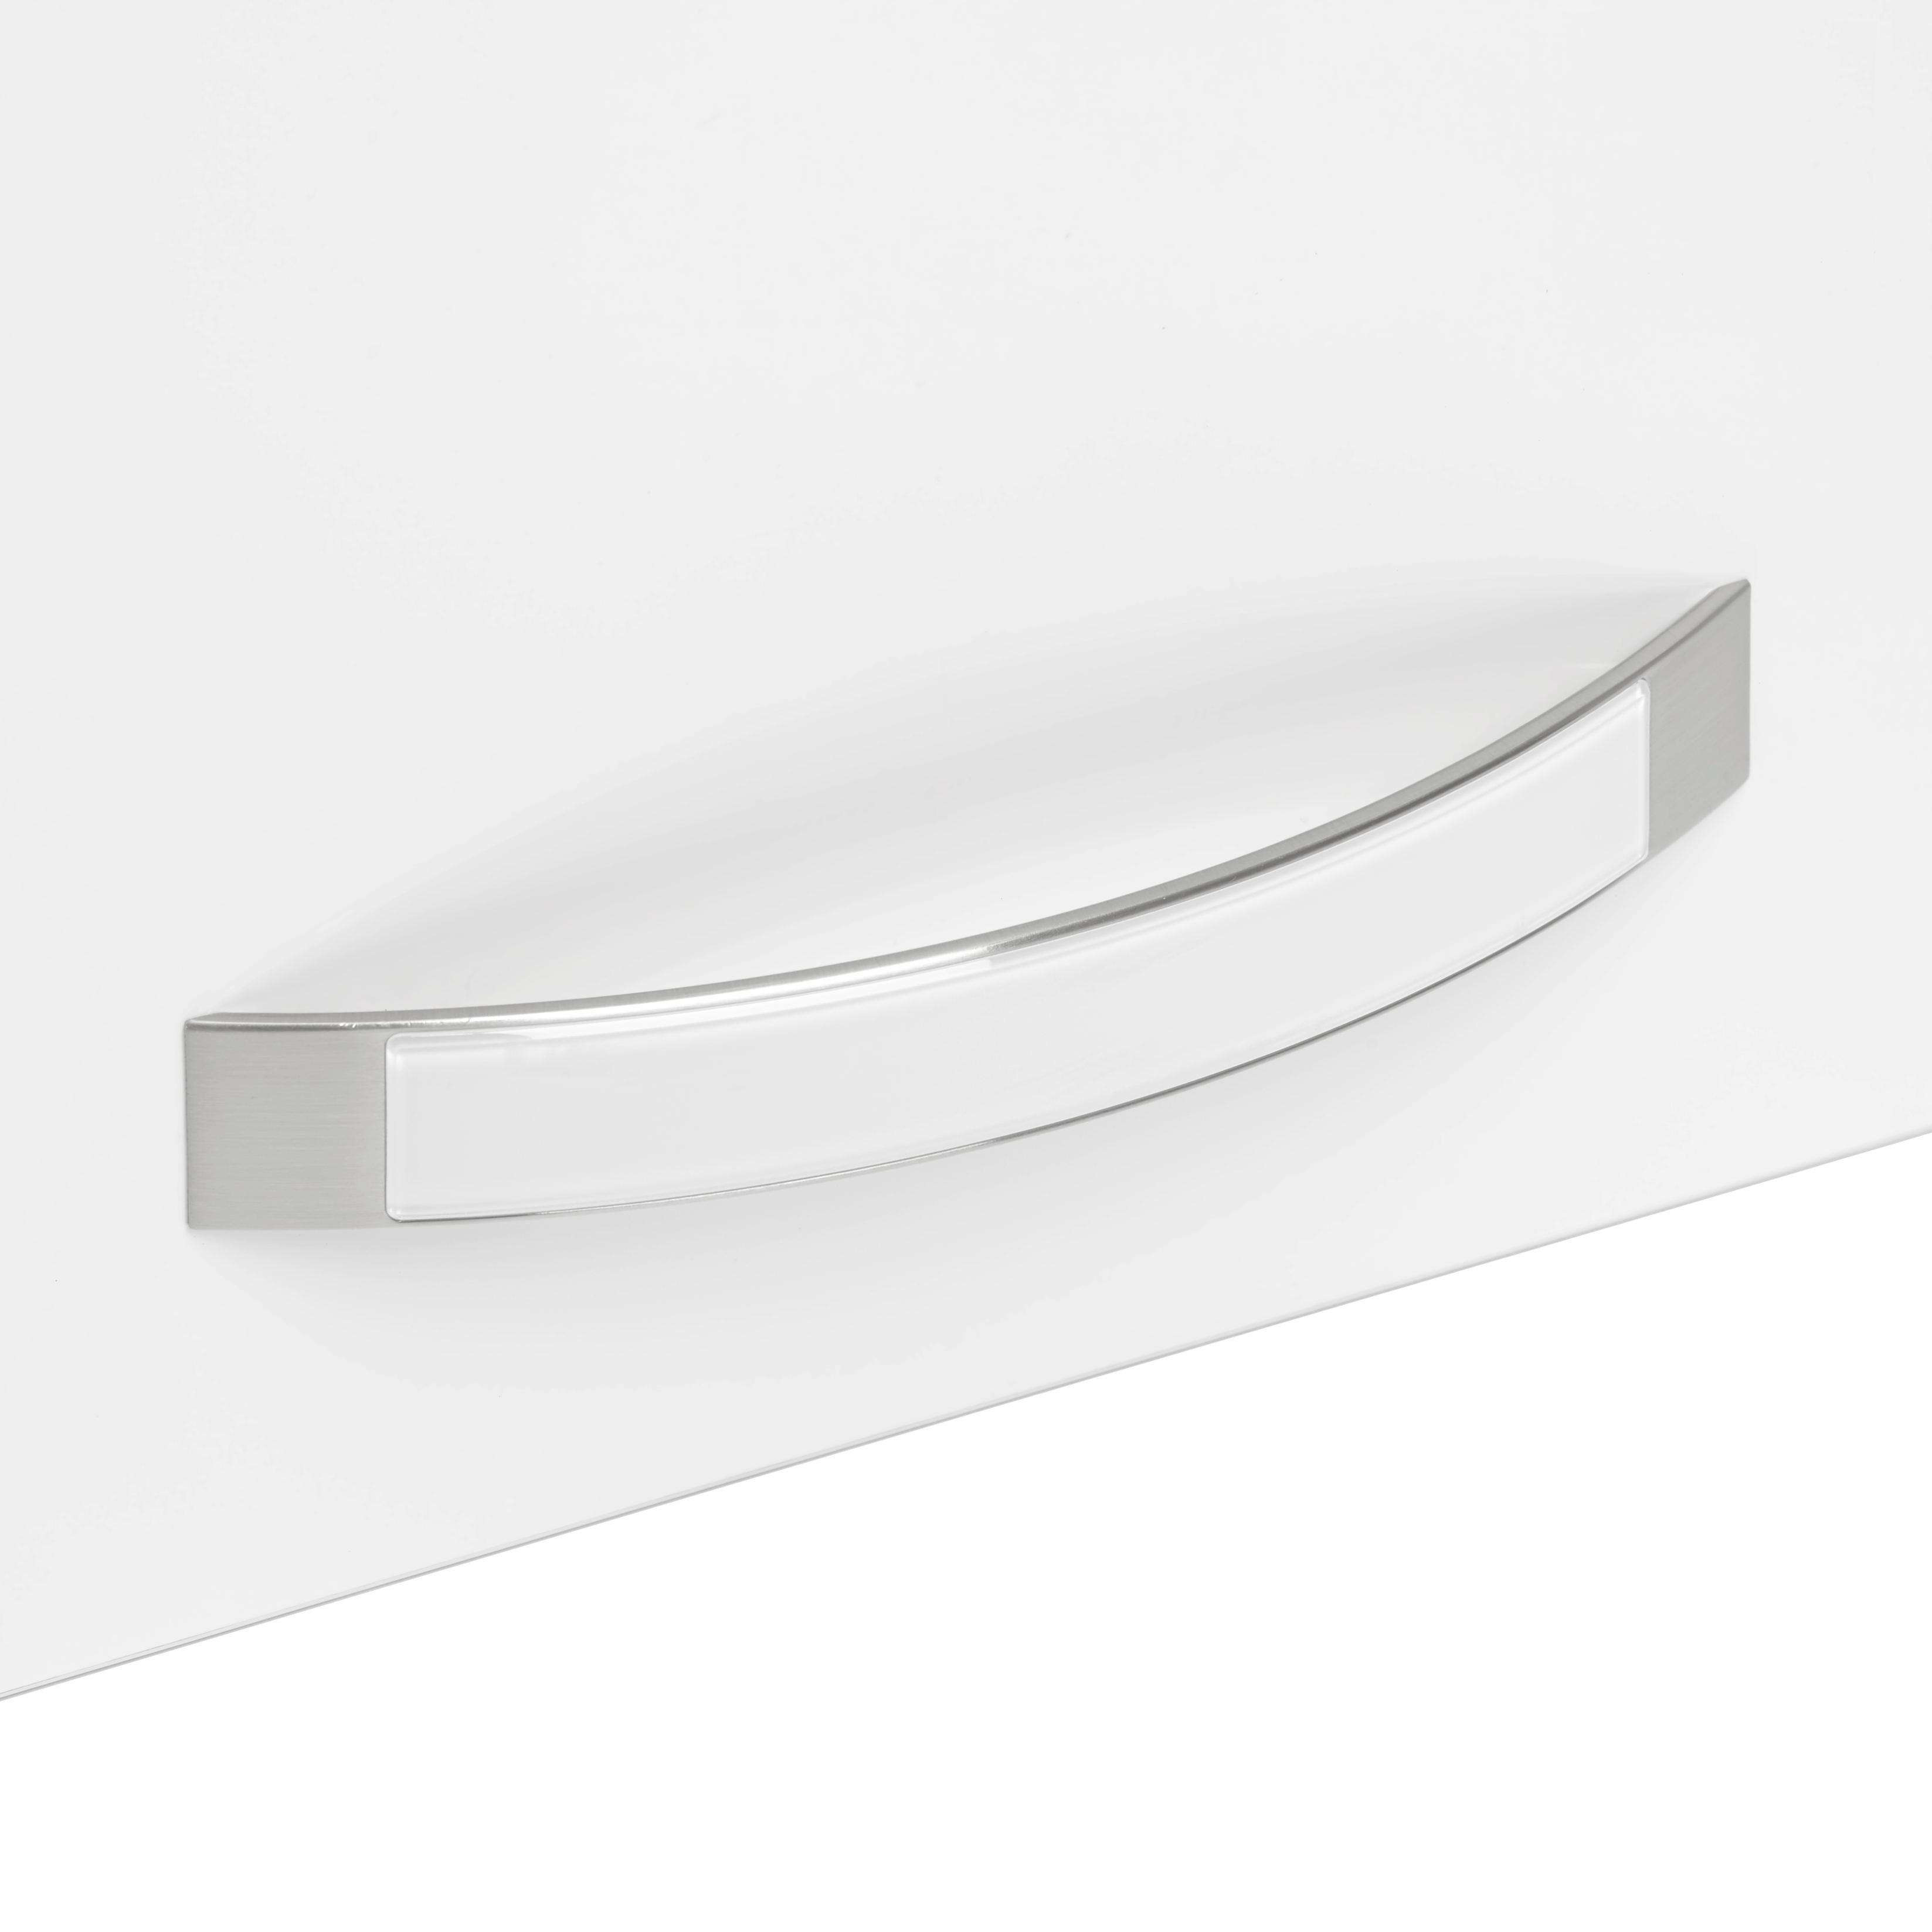 Tür in Weiß Hochglanz - Weiß, MODERN, Holz/Metall (39.4/70.1/1.8cm) - PREMIUM LIVING